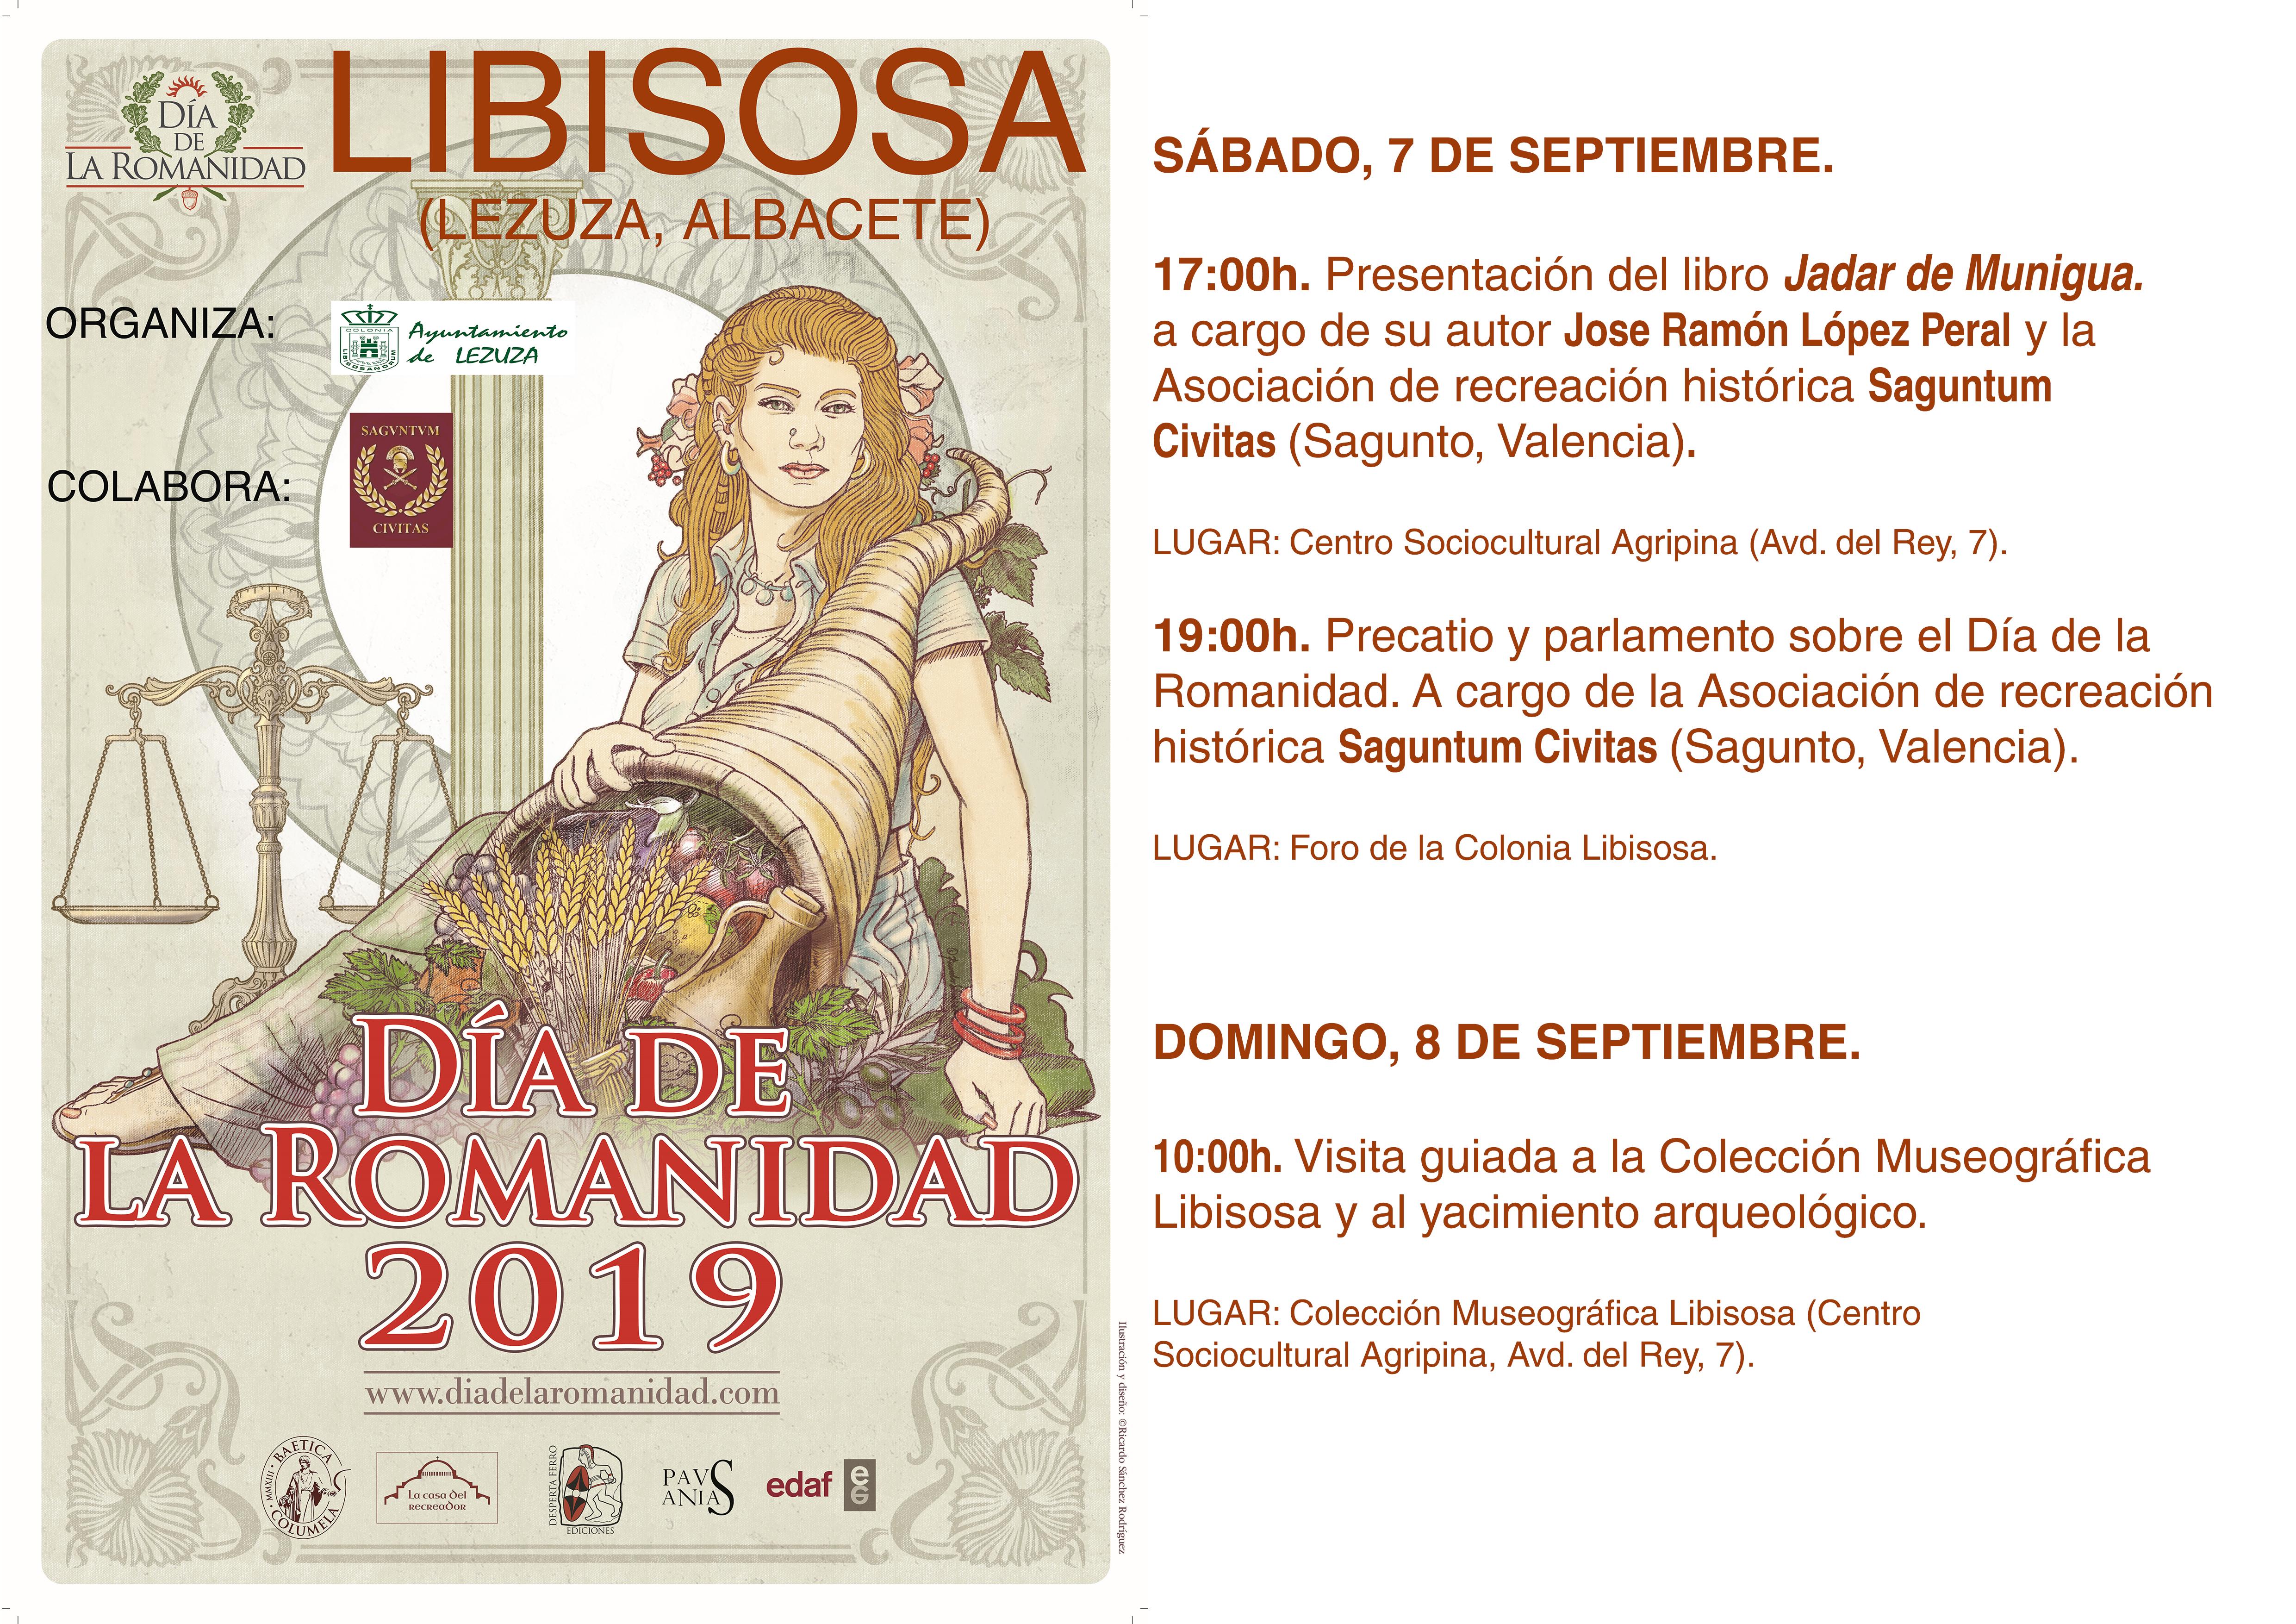 El yacimiento de Libisosa de la mano del Ayuntamiento de Lezuza y de Saguntum Civitas, se unen a Día de la Romanidad